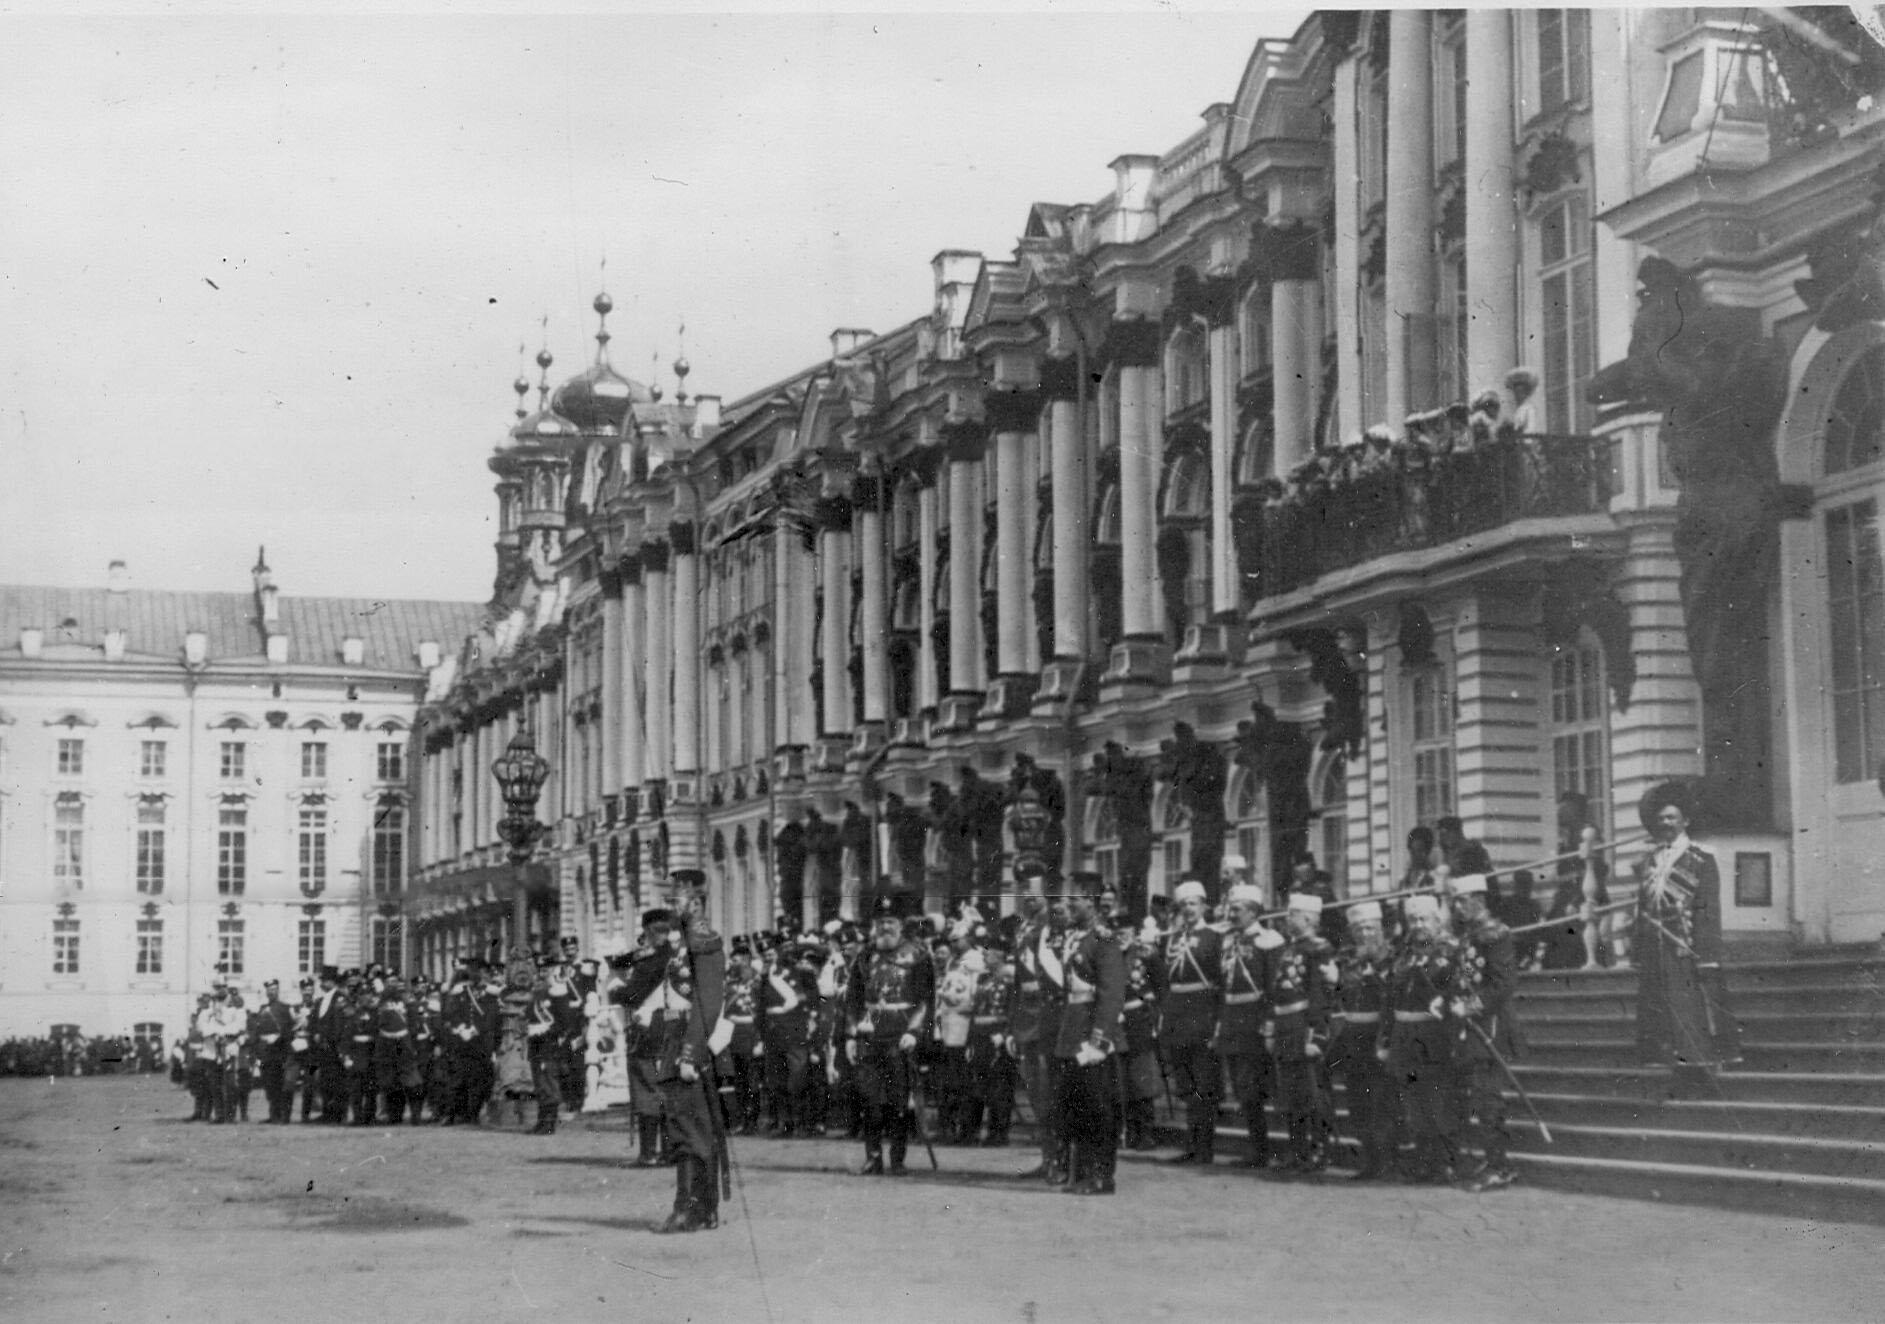 Император Николай II с группой командиров лейб-гвардии стрелковой бригады у подъезда Екатерининского дворца наблюдает за прохождением войск во время парада